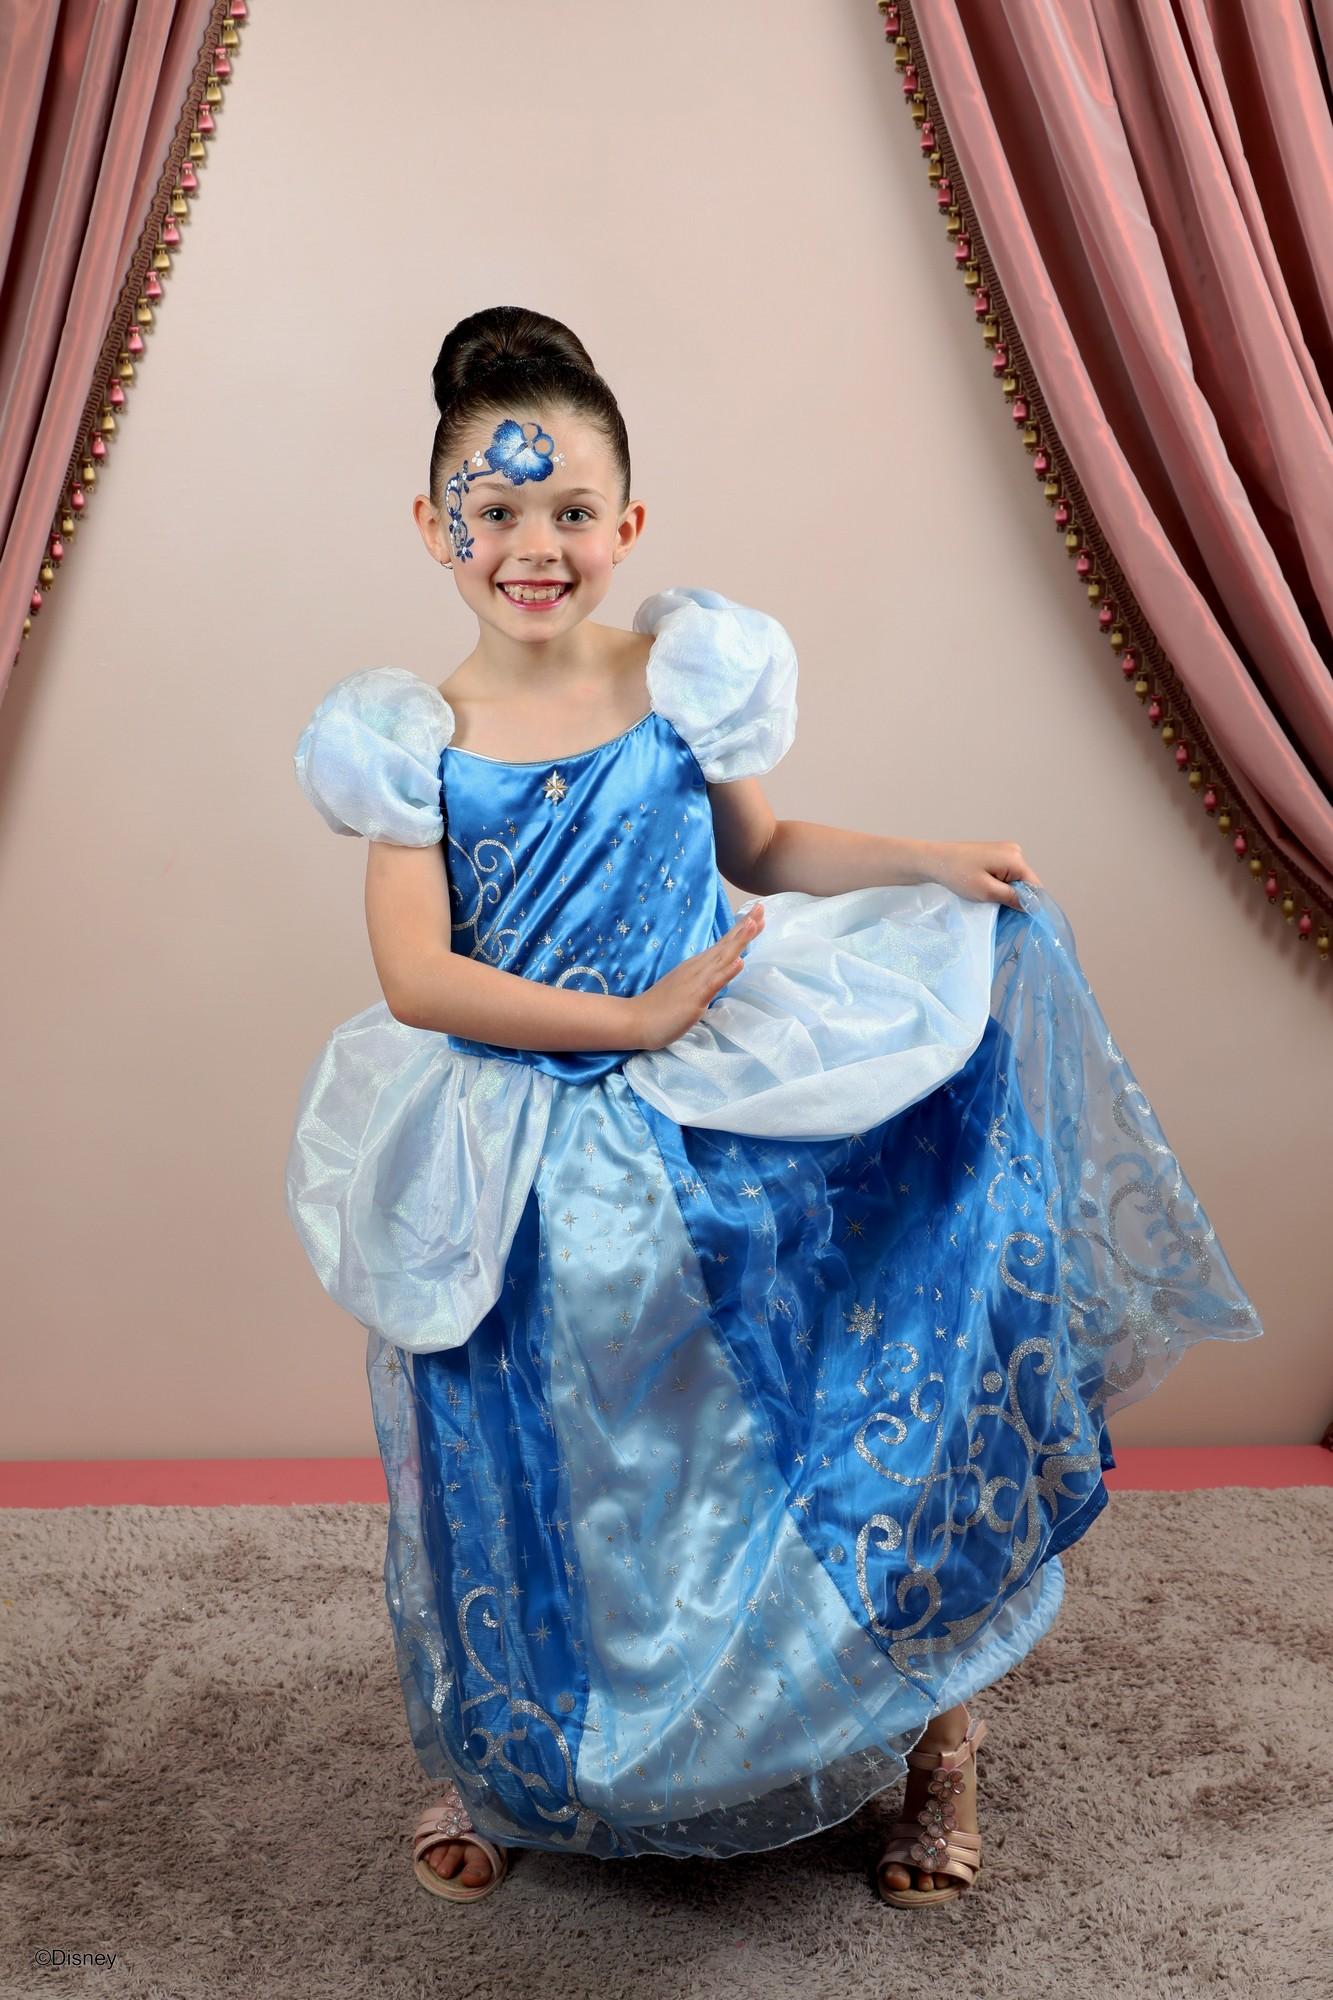 Princesse d'un jour au Disneyland Hotel - Page 28 68120617